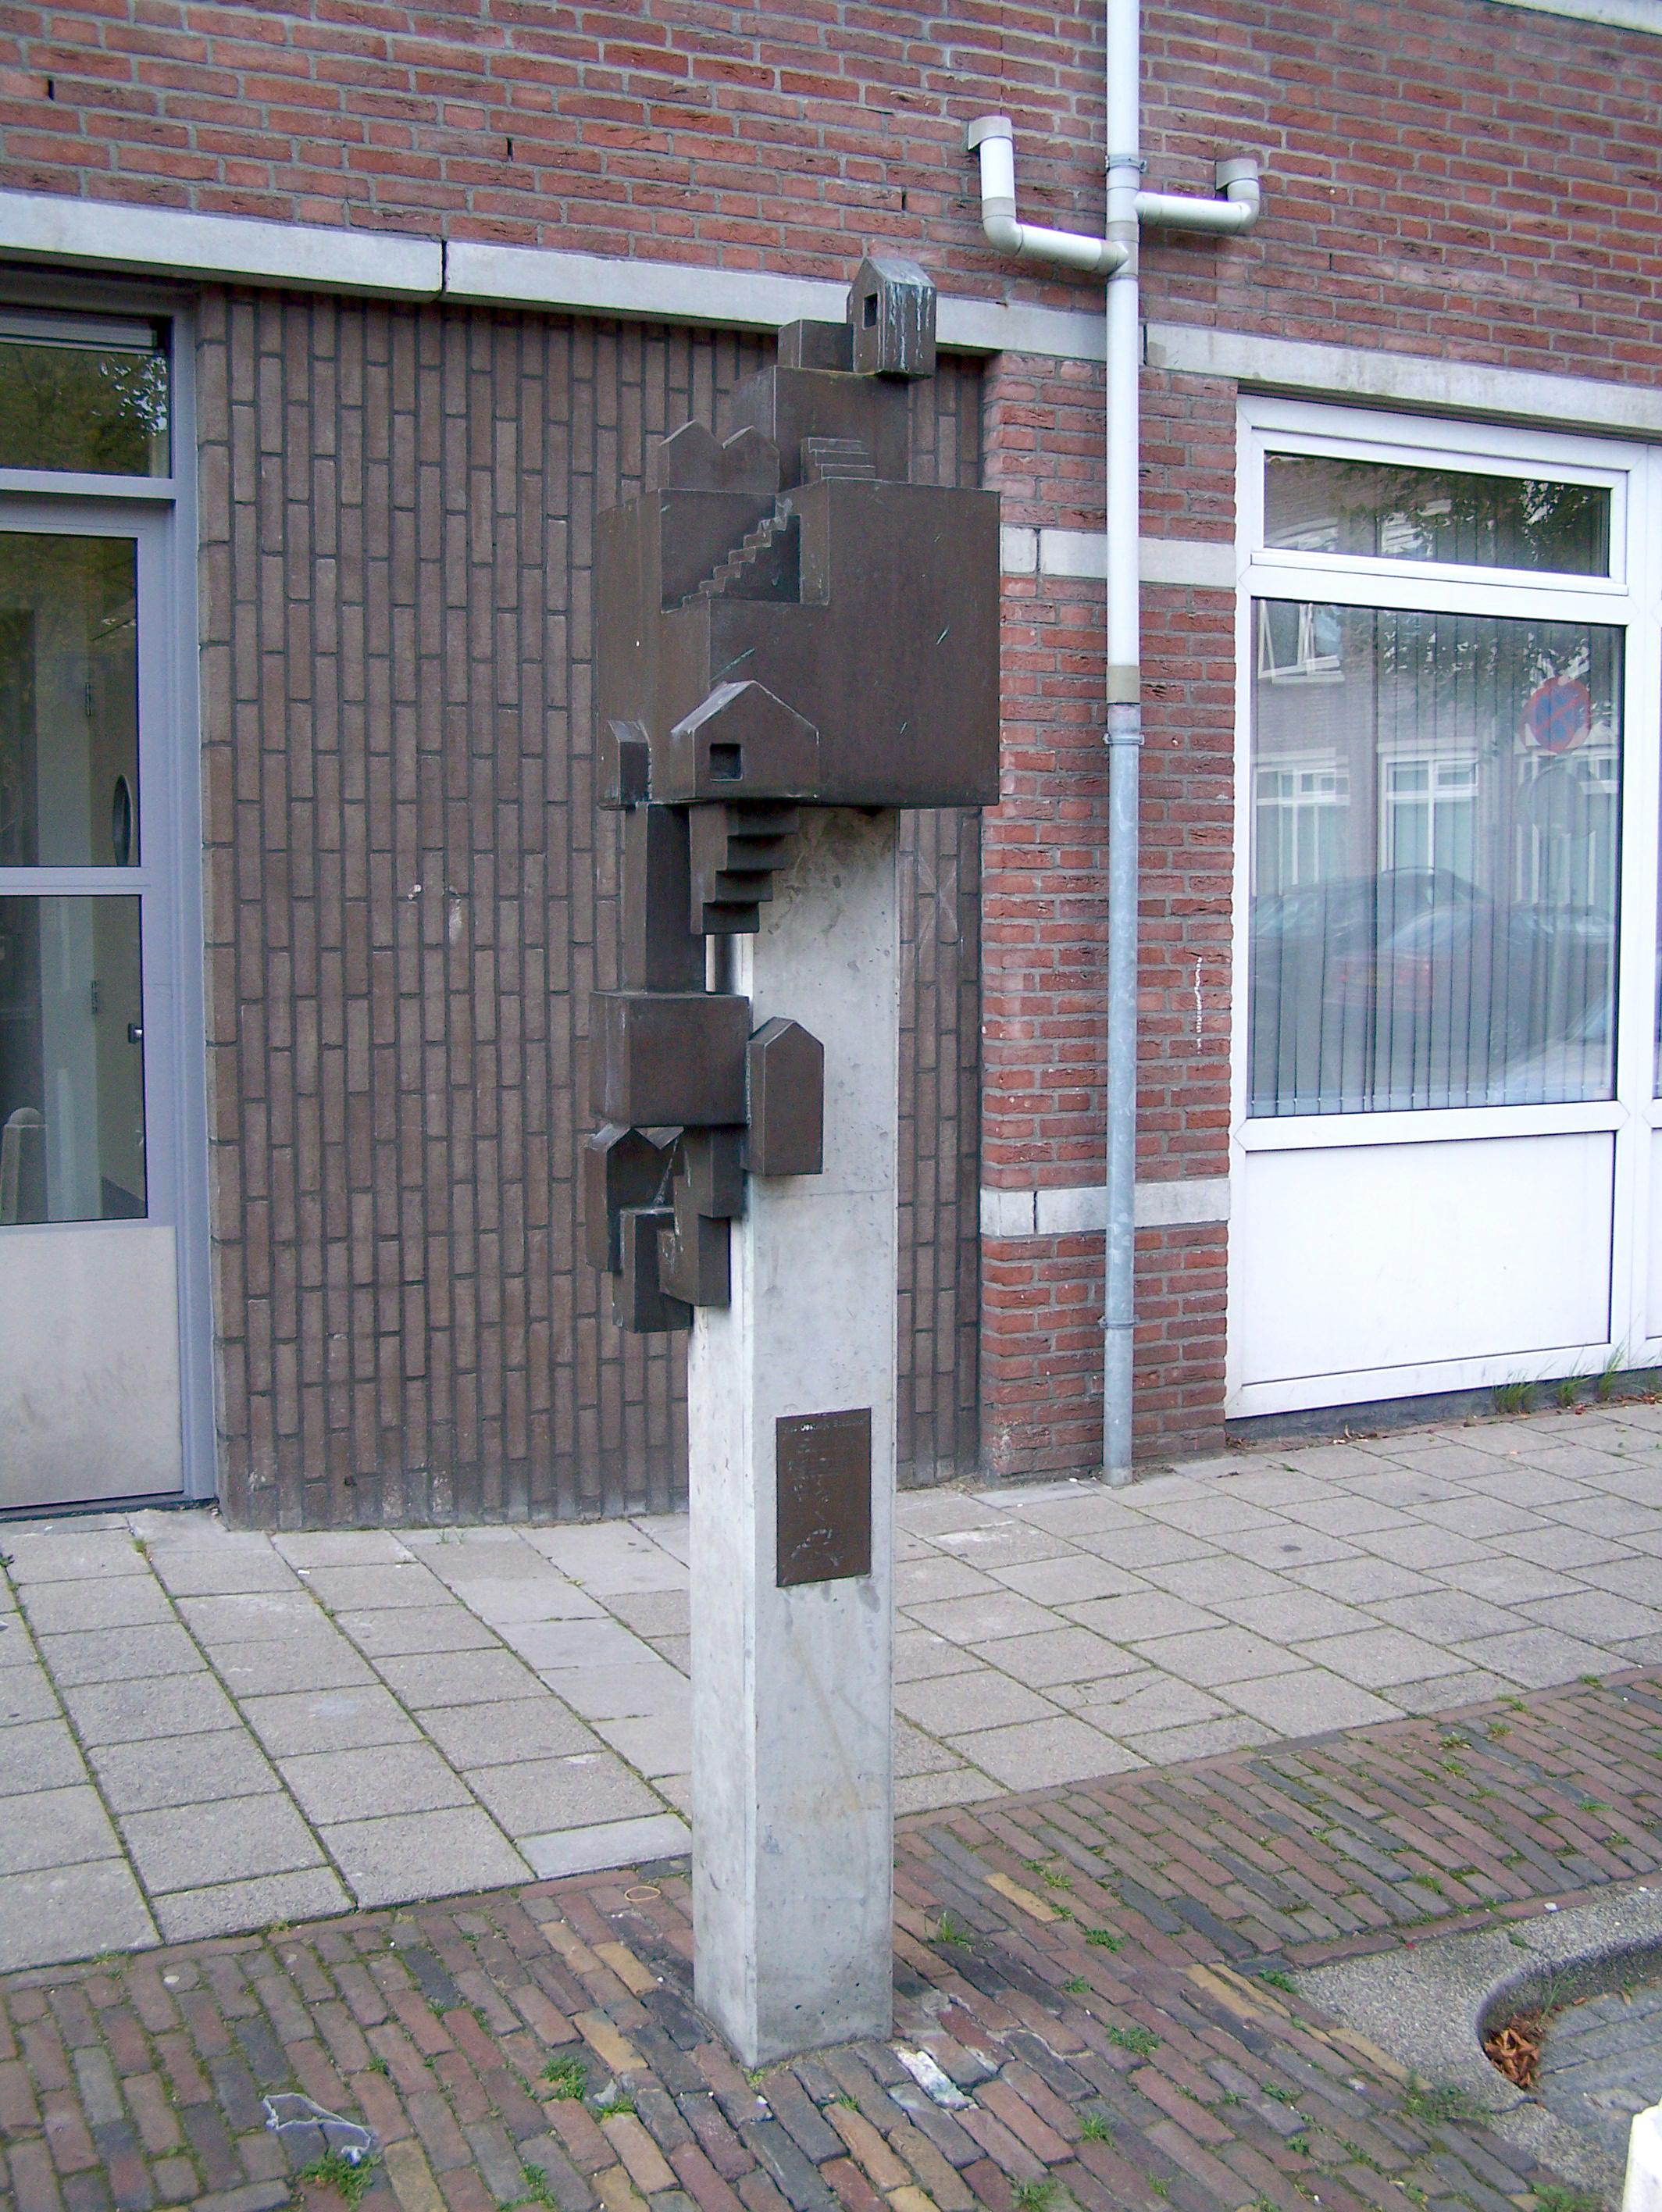 File:Het Oostelijk Stadsdeel Hooman Wortelsteeg Alkmaar.JPG